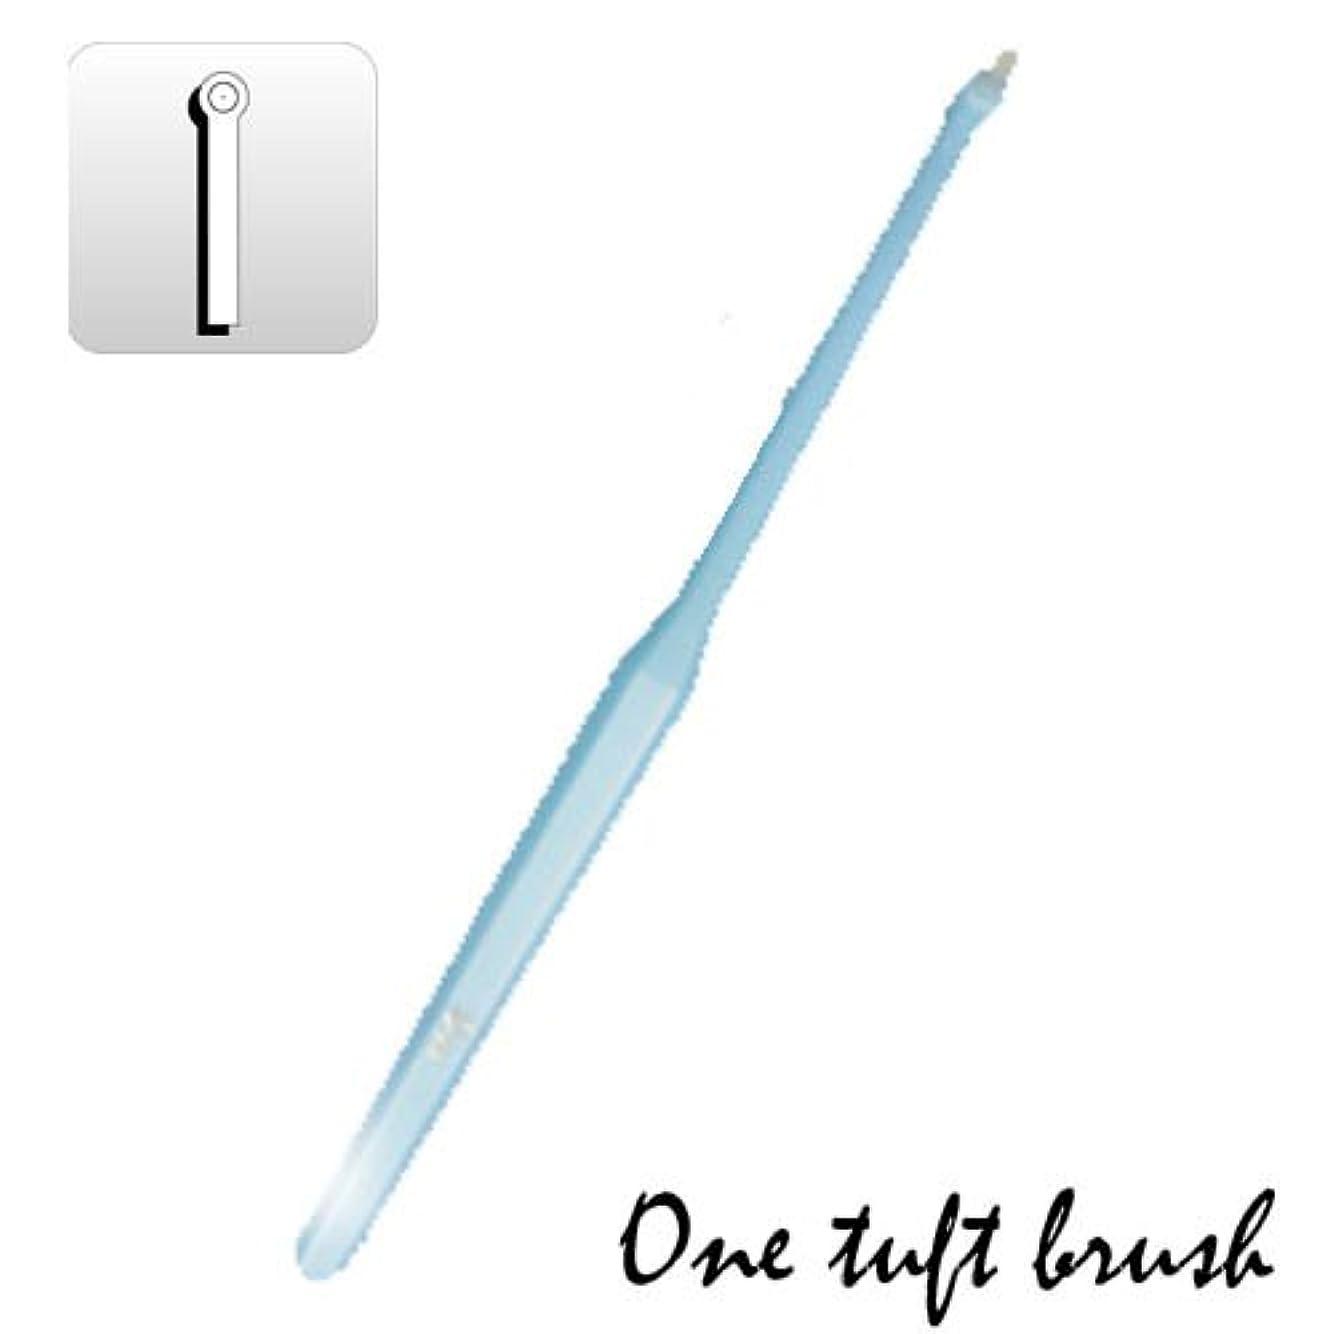 連帯愛撫アライアンス歯科用 みがきにくい部位までしっかり すっきり 【 One ワンタフト ブルー 2本セット】 歯ブラシ